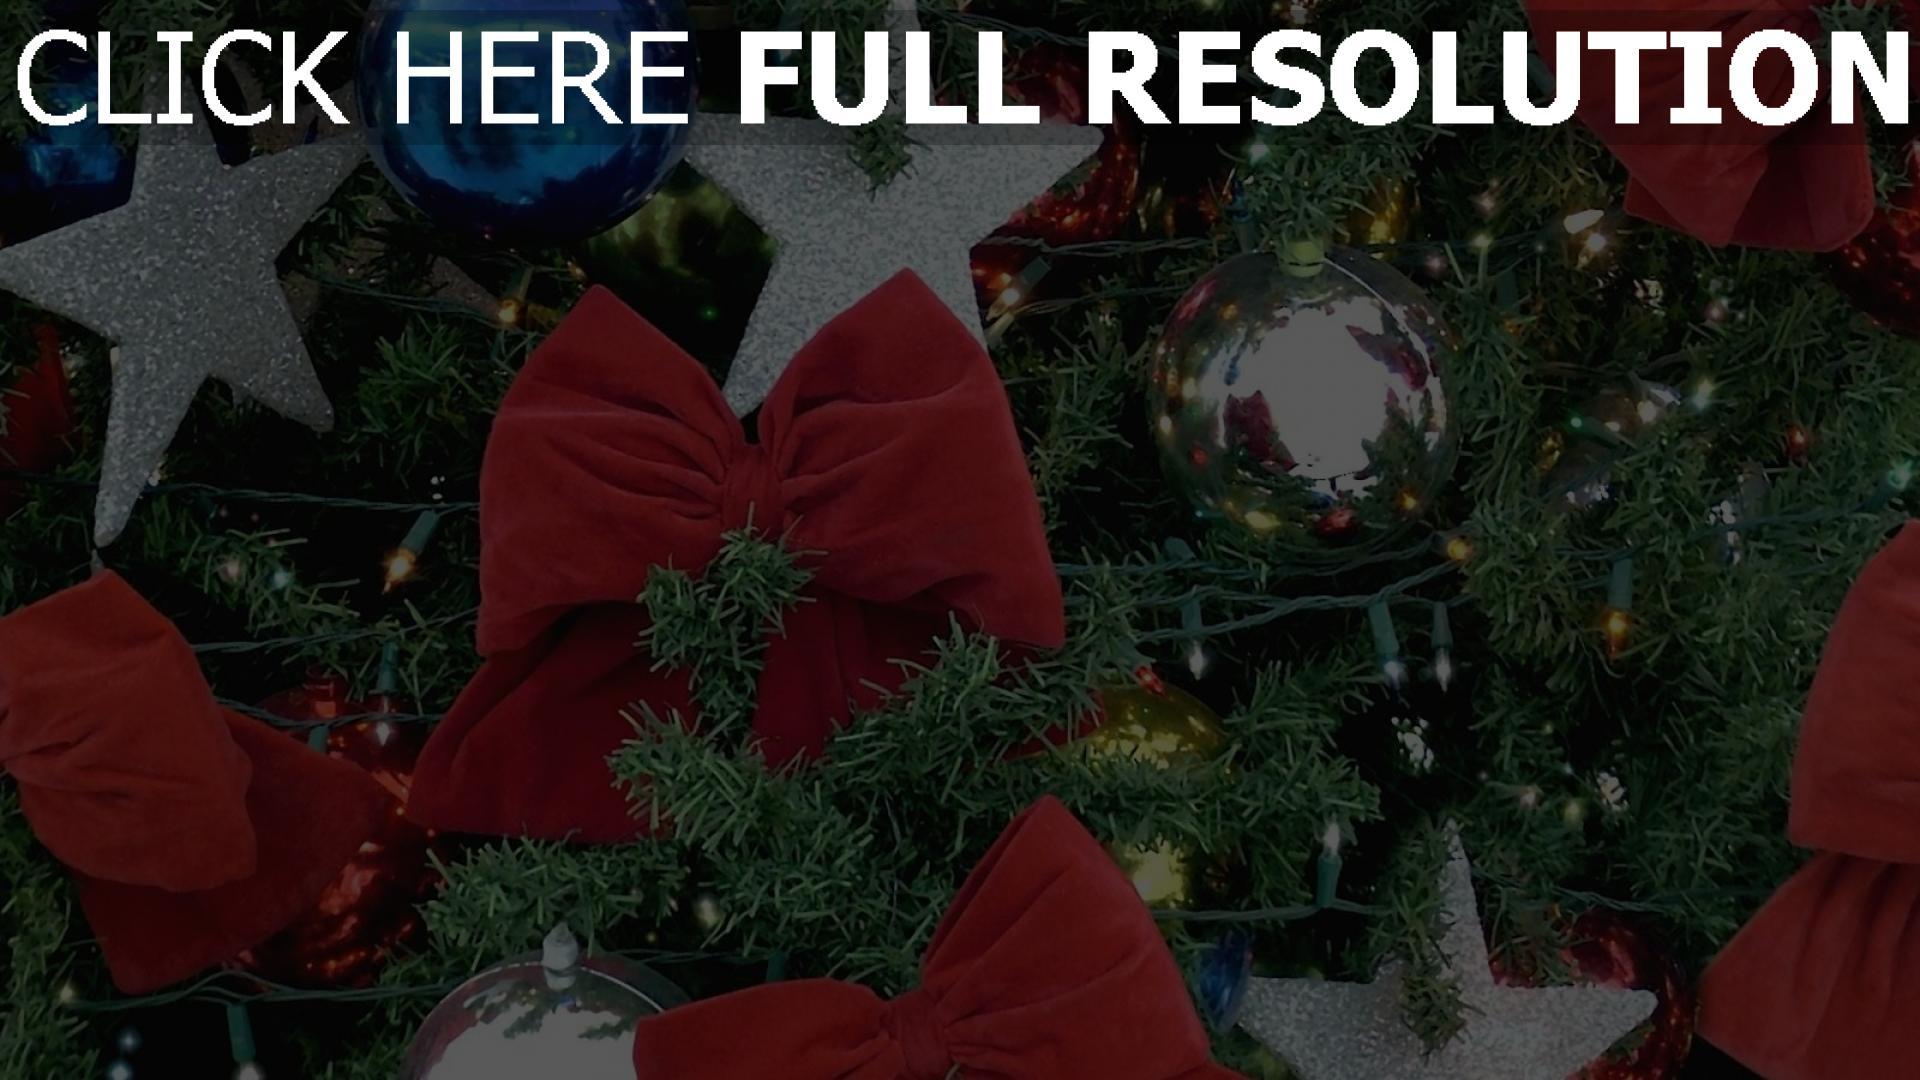 hd hintergrundbilder spielzeug urlaub girlanden weihnachtsbaum bögen neues jahr 1920x1080